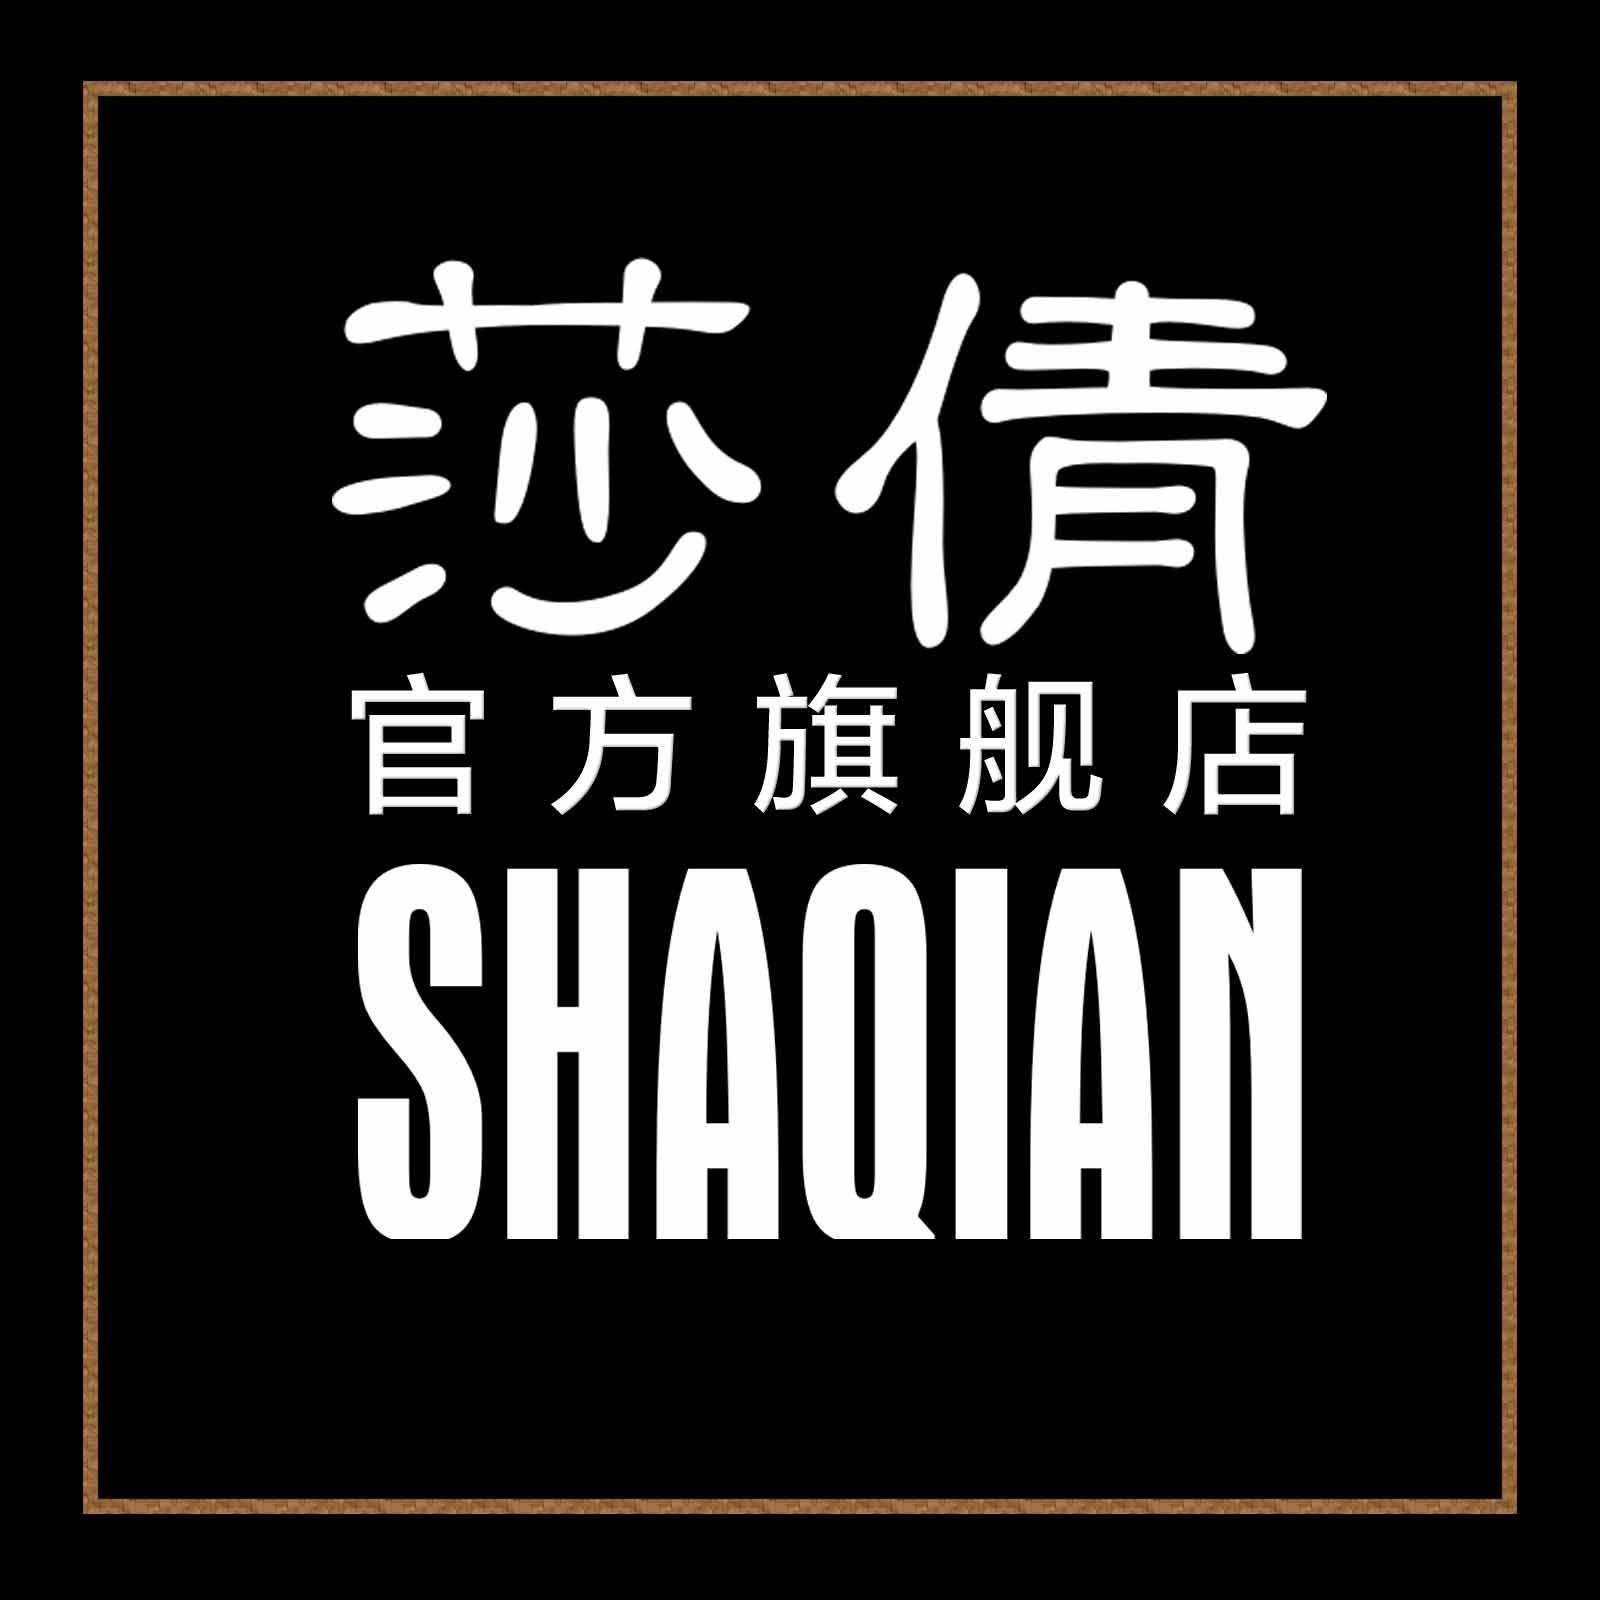 莎倩官方旗舰店_莎倩品牌